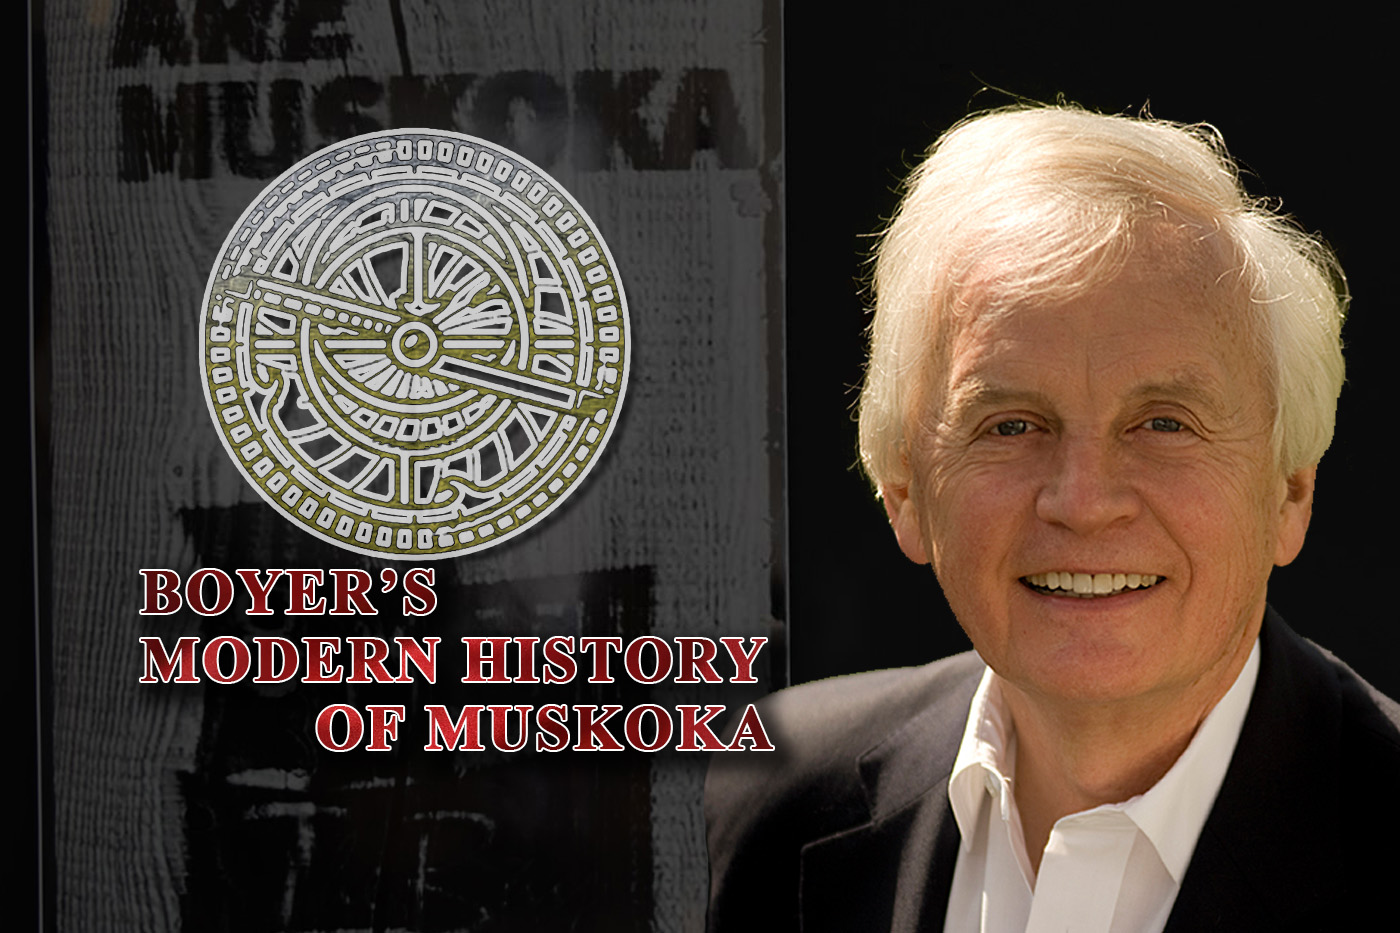 Boyer's Modern History Of Muskoka